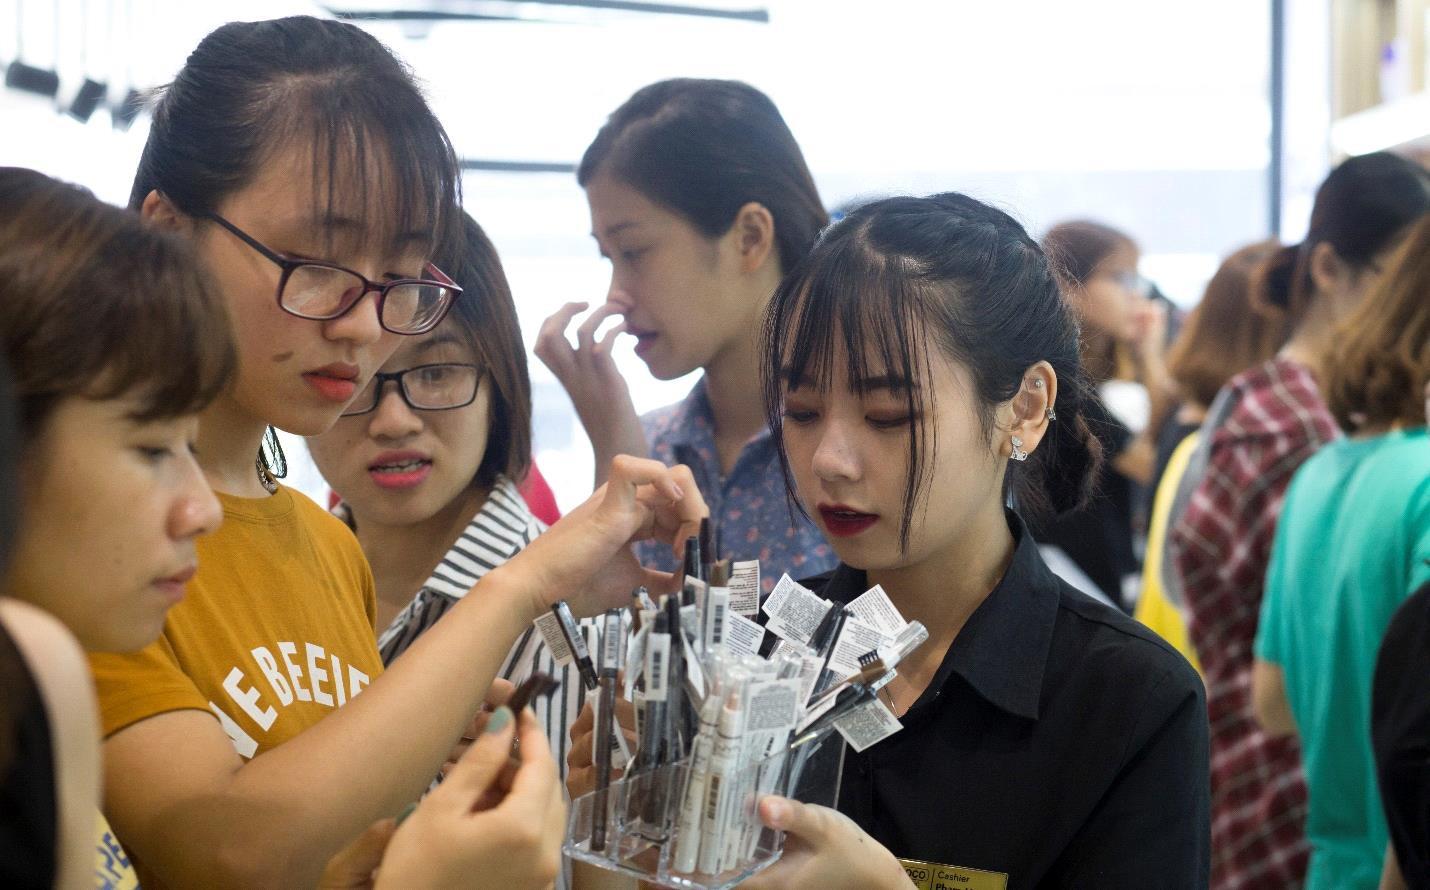 Phát sốt với Coco Shop 258 Bà Triệu – Thiên đường mỹ phẩm chính hãng tại Việt Nam, bật mí chương trình tặng son Tom Ford miễn phí - Ảnh 5.